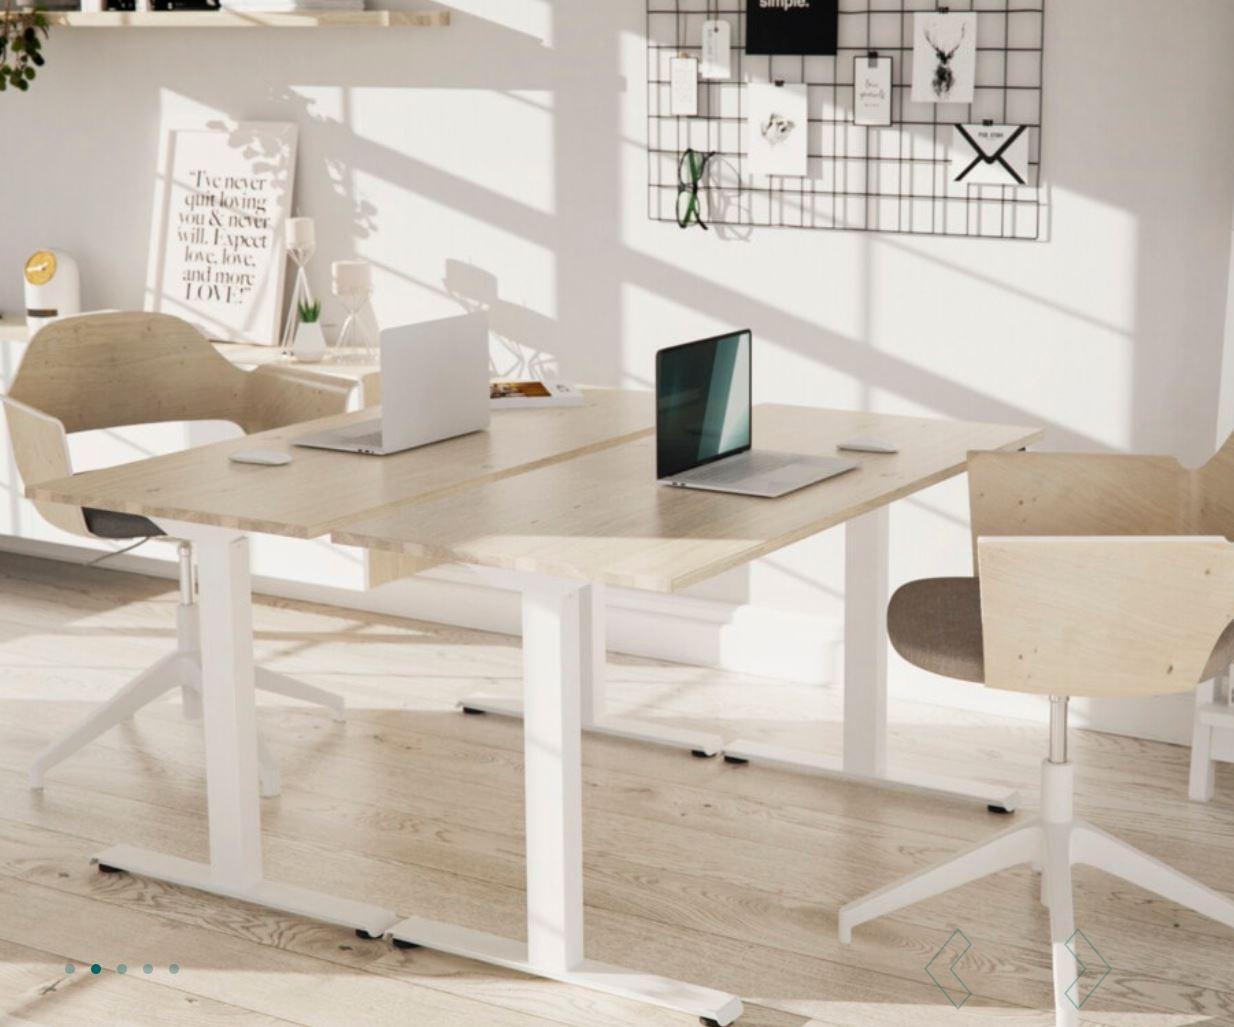 Montážní návod polohovacího stolu DeskTherapy E2+